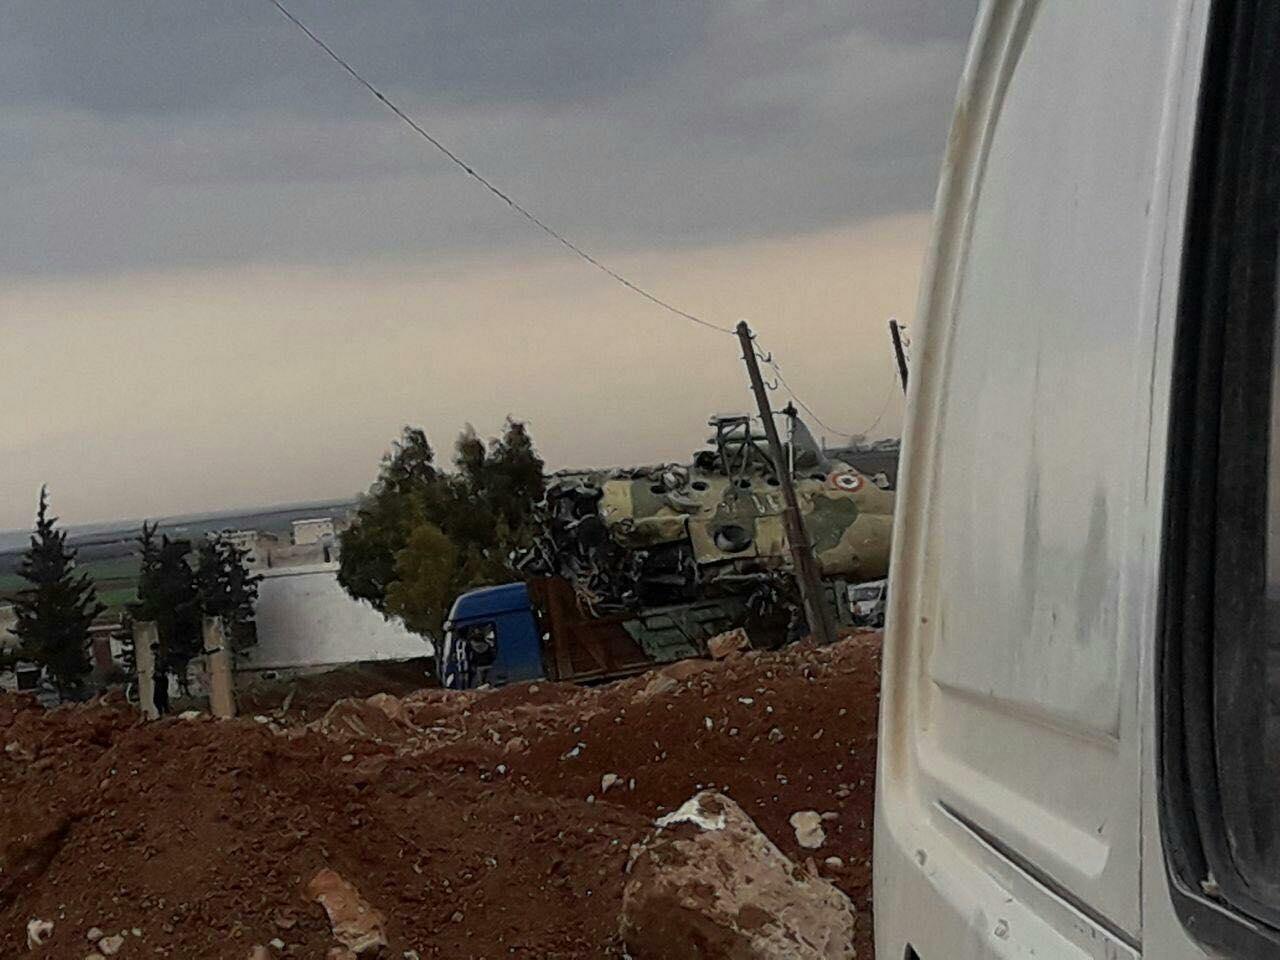 شاحنة تنقل بقايا طائرة هليكوبتر في منطقة مطار تفتناز بريف إدلب - شباط 2018 (فيس بوك)